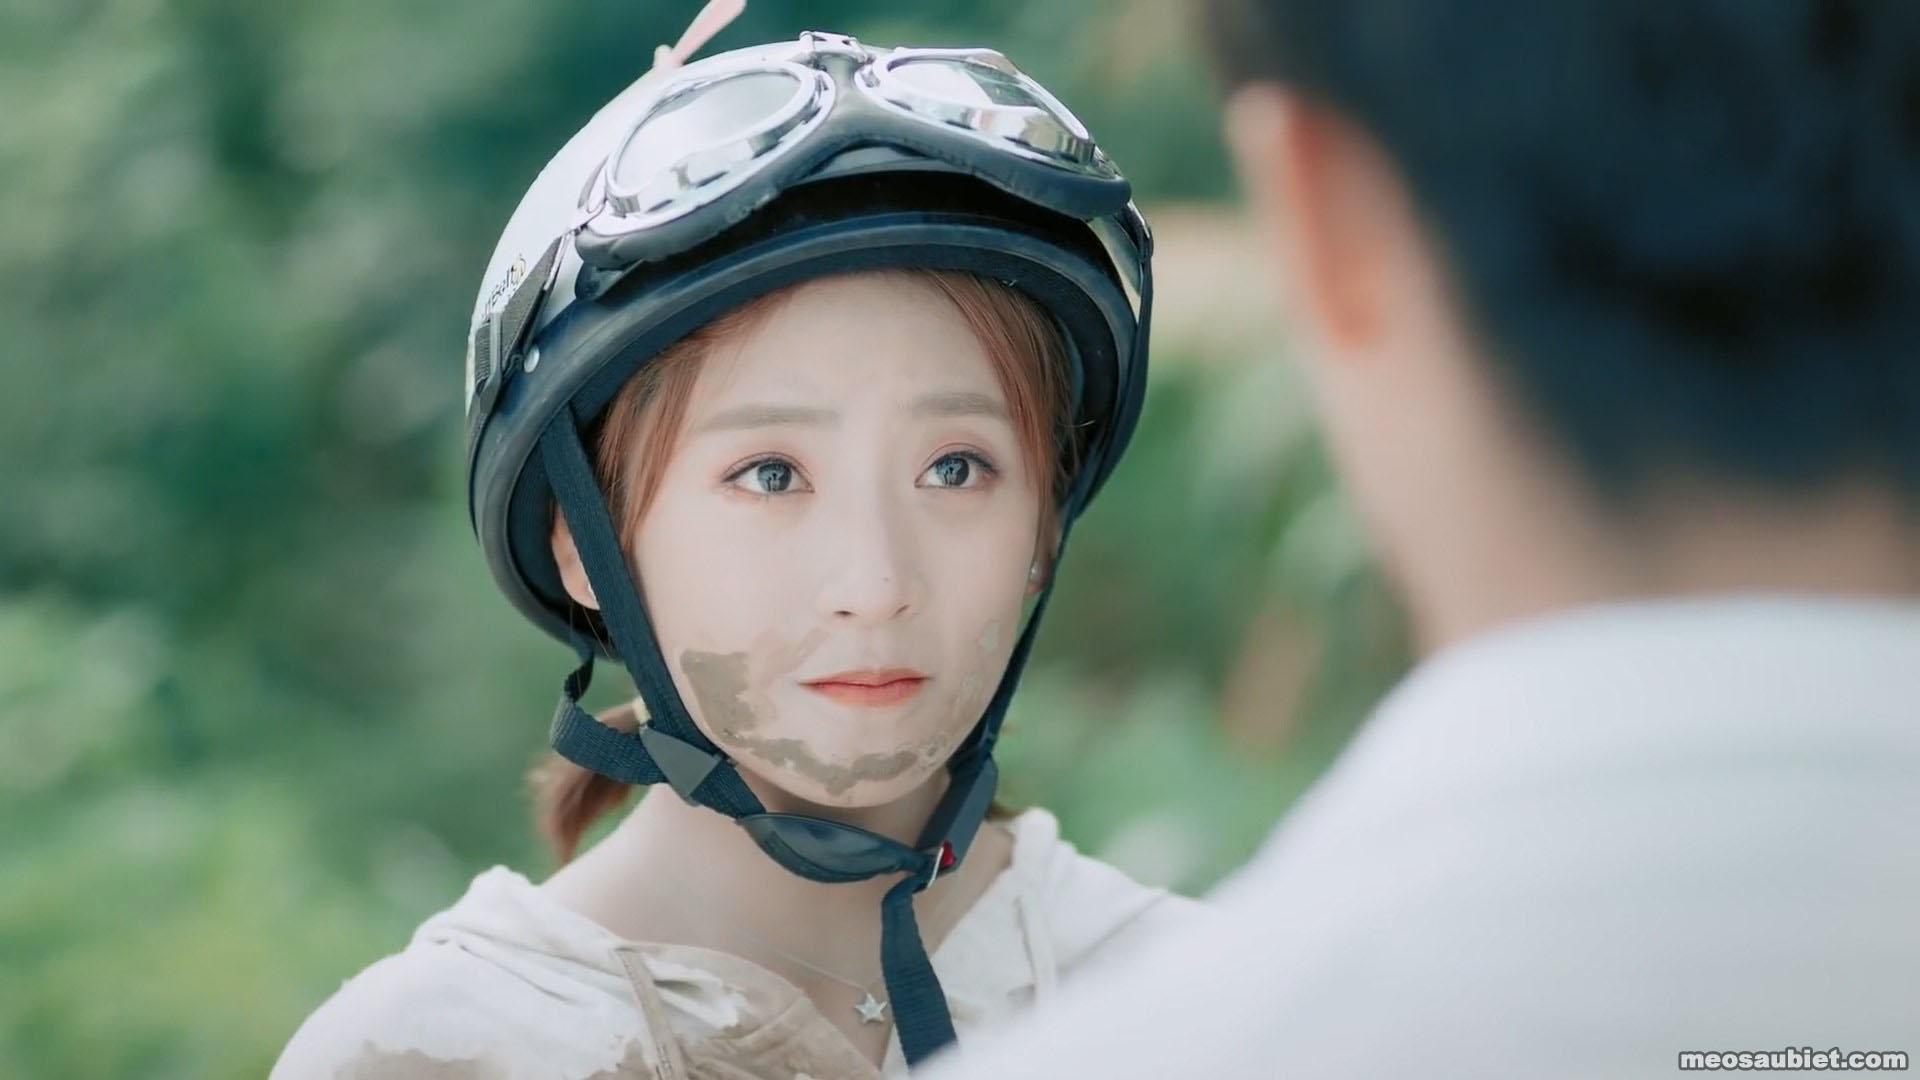 Anh trai nhà đối diện 2021 Đinh Nhất Nhất trong vai Điền Điềm